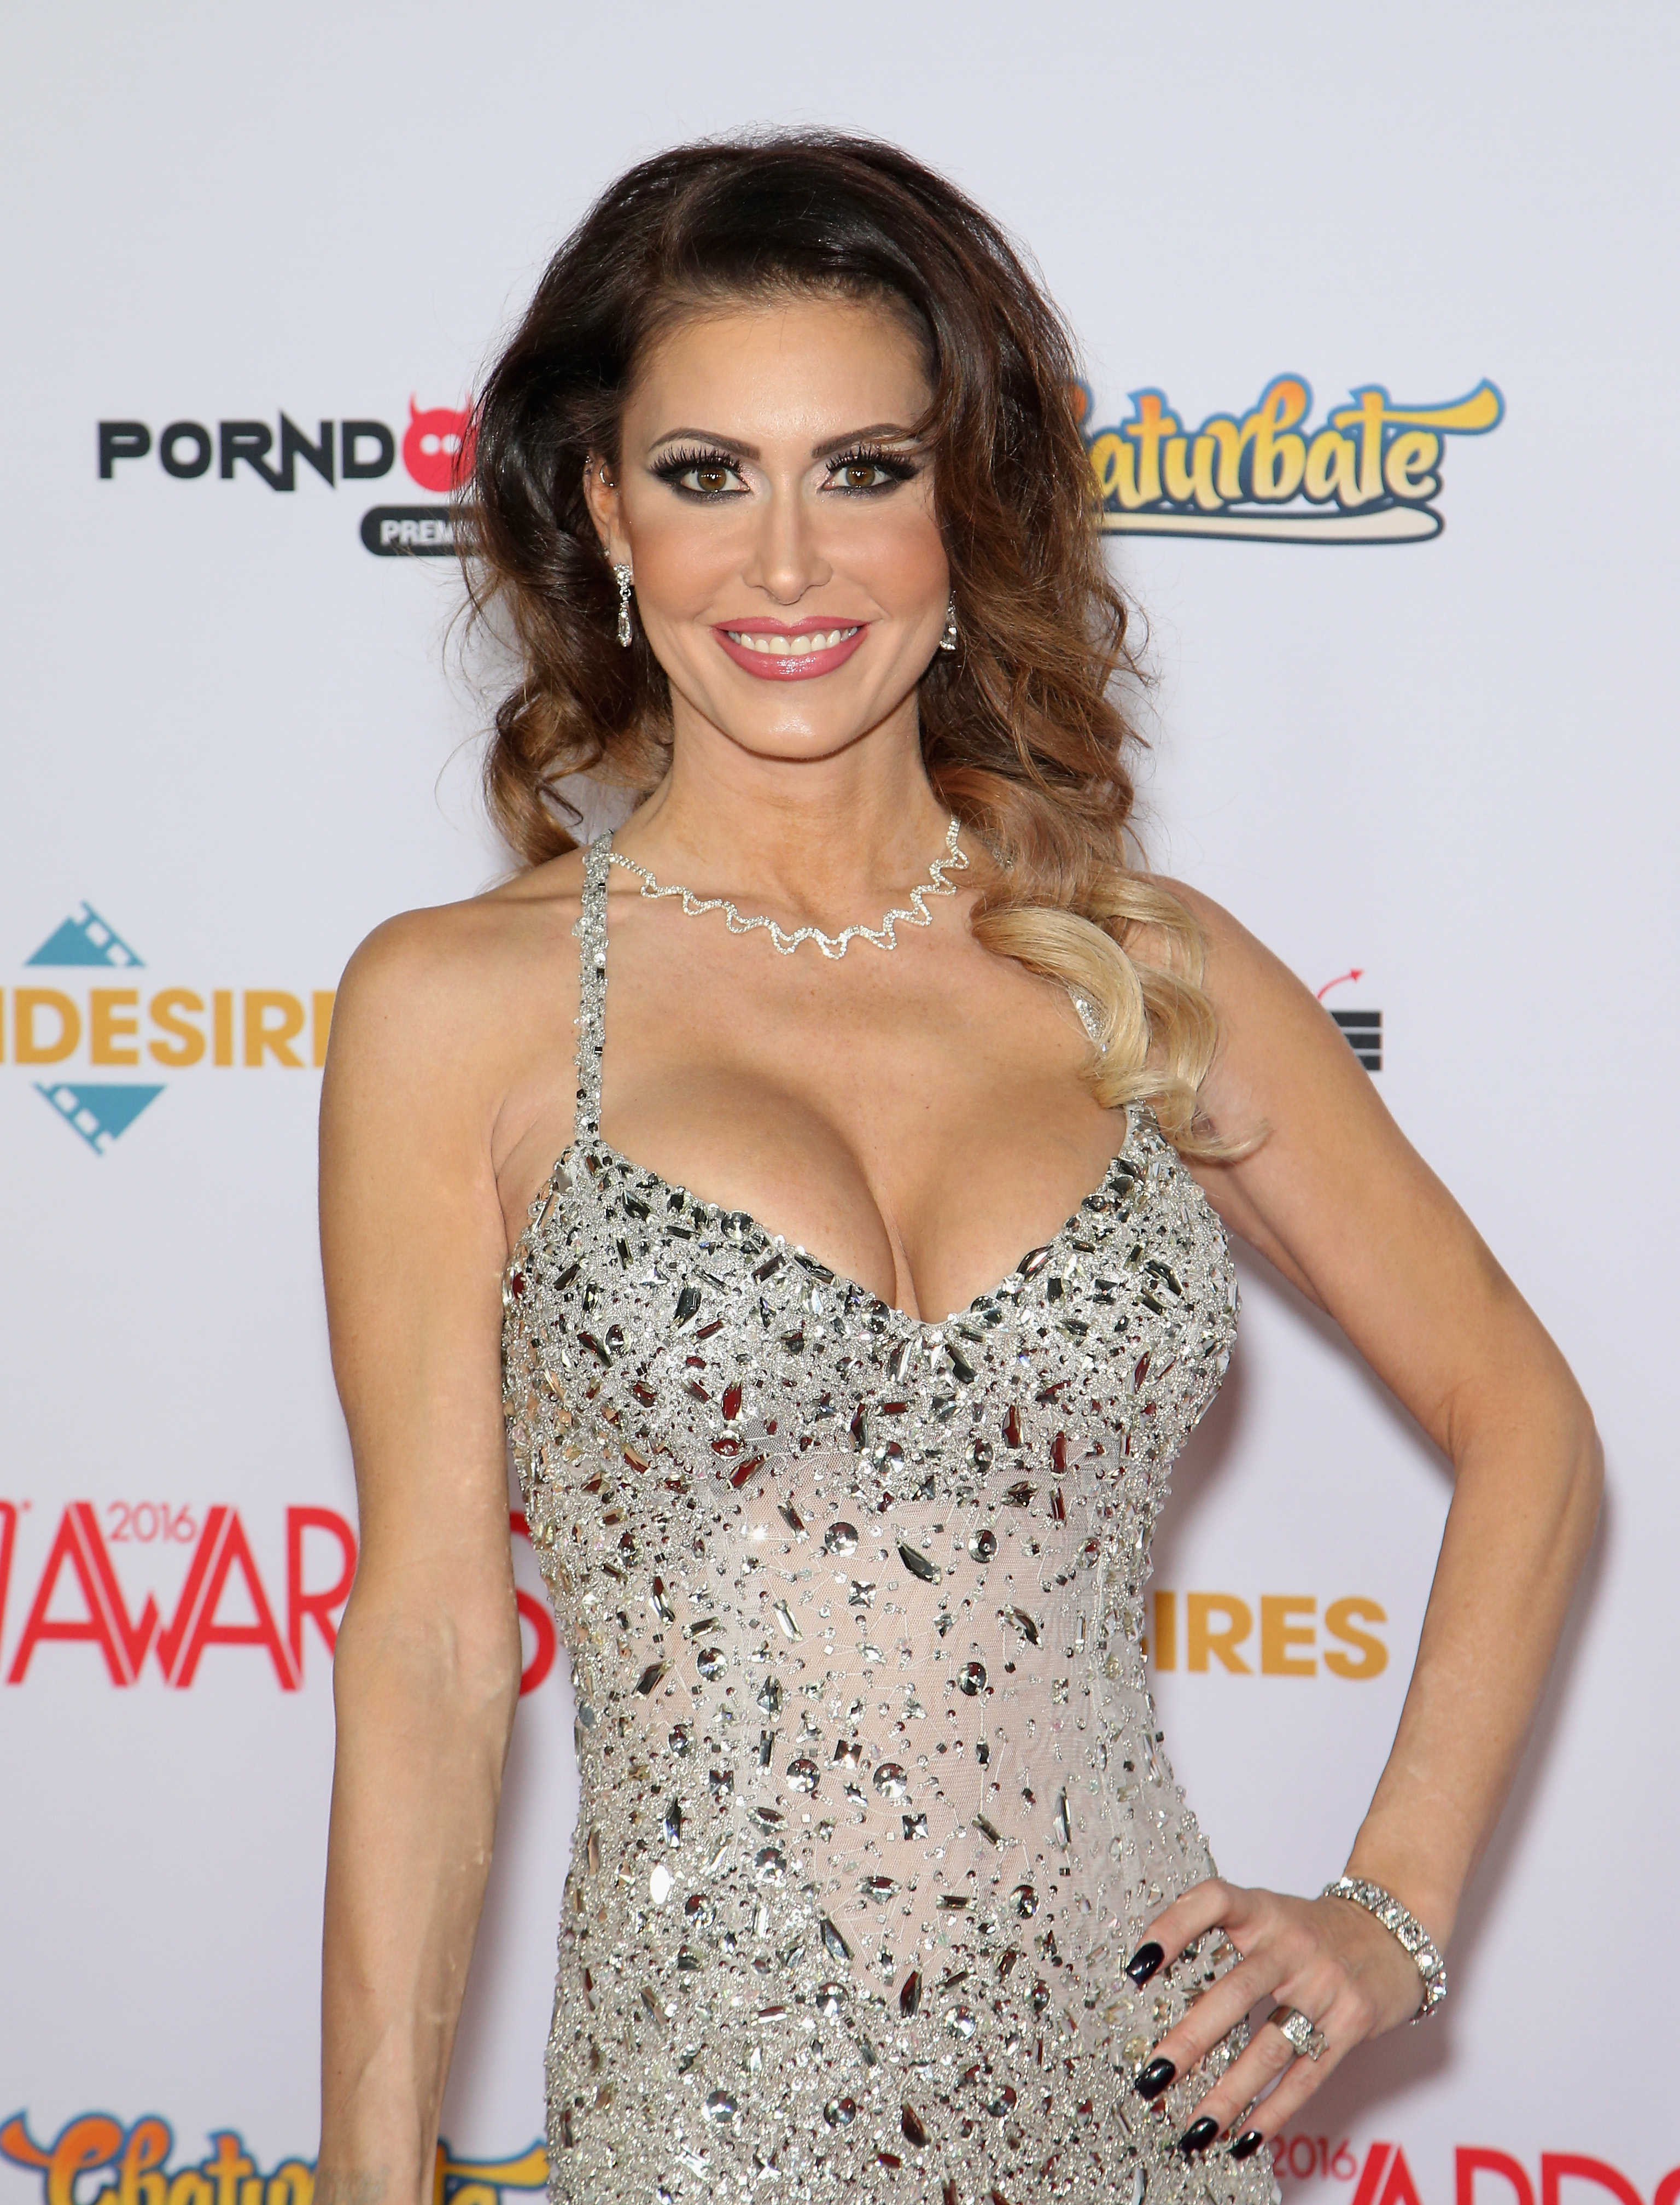 Actriz Porno Espanola Nombre Estrella murió la actriz porno jessica jaymes | people en español